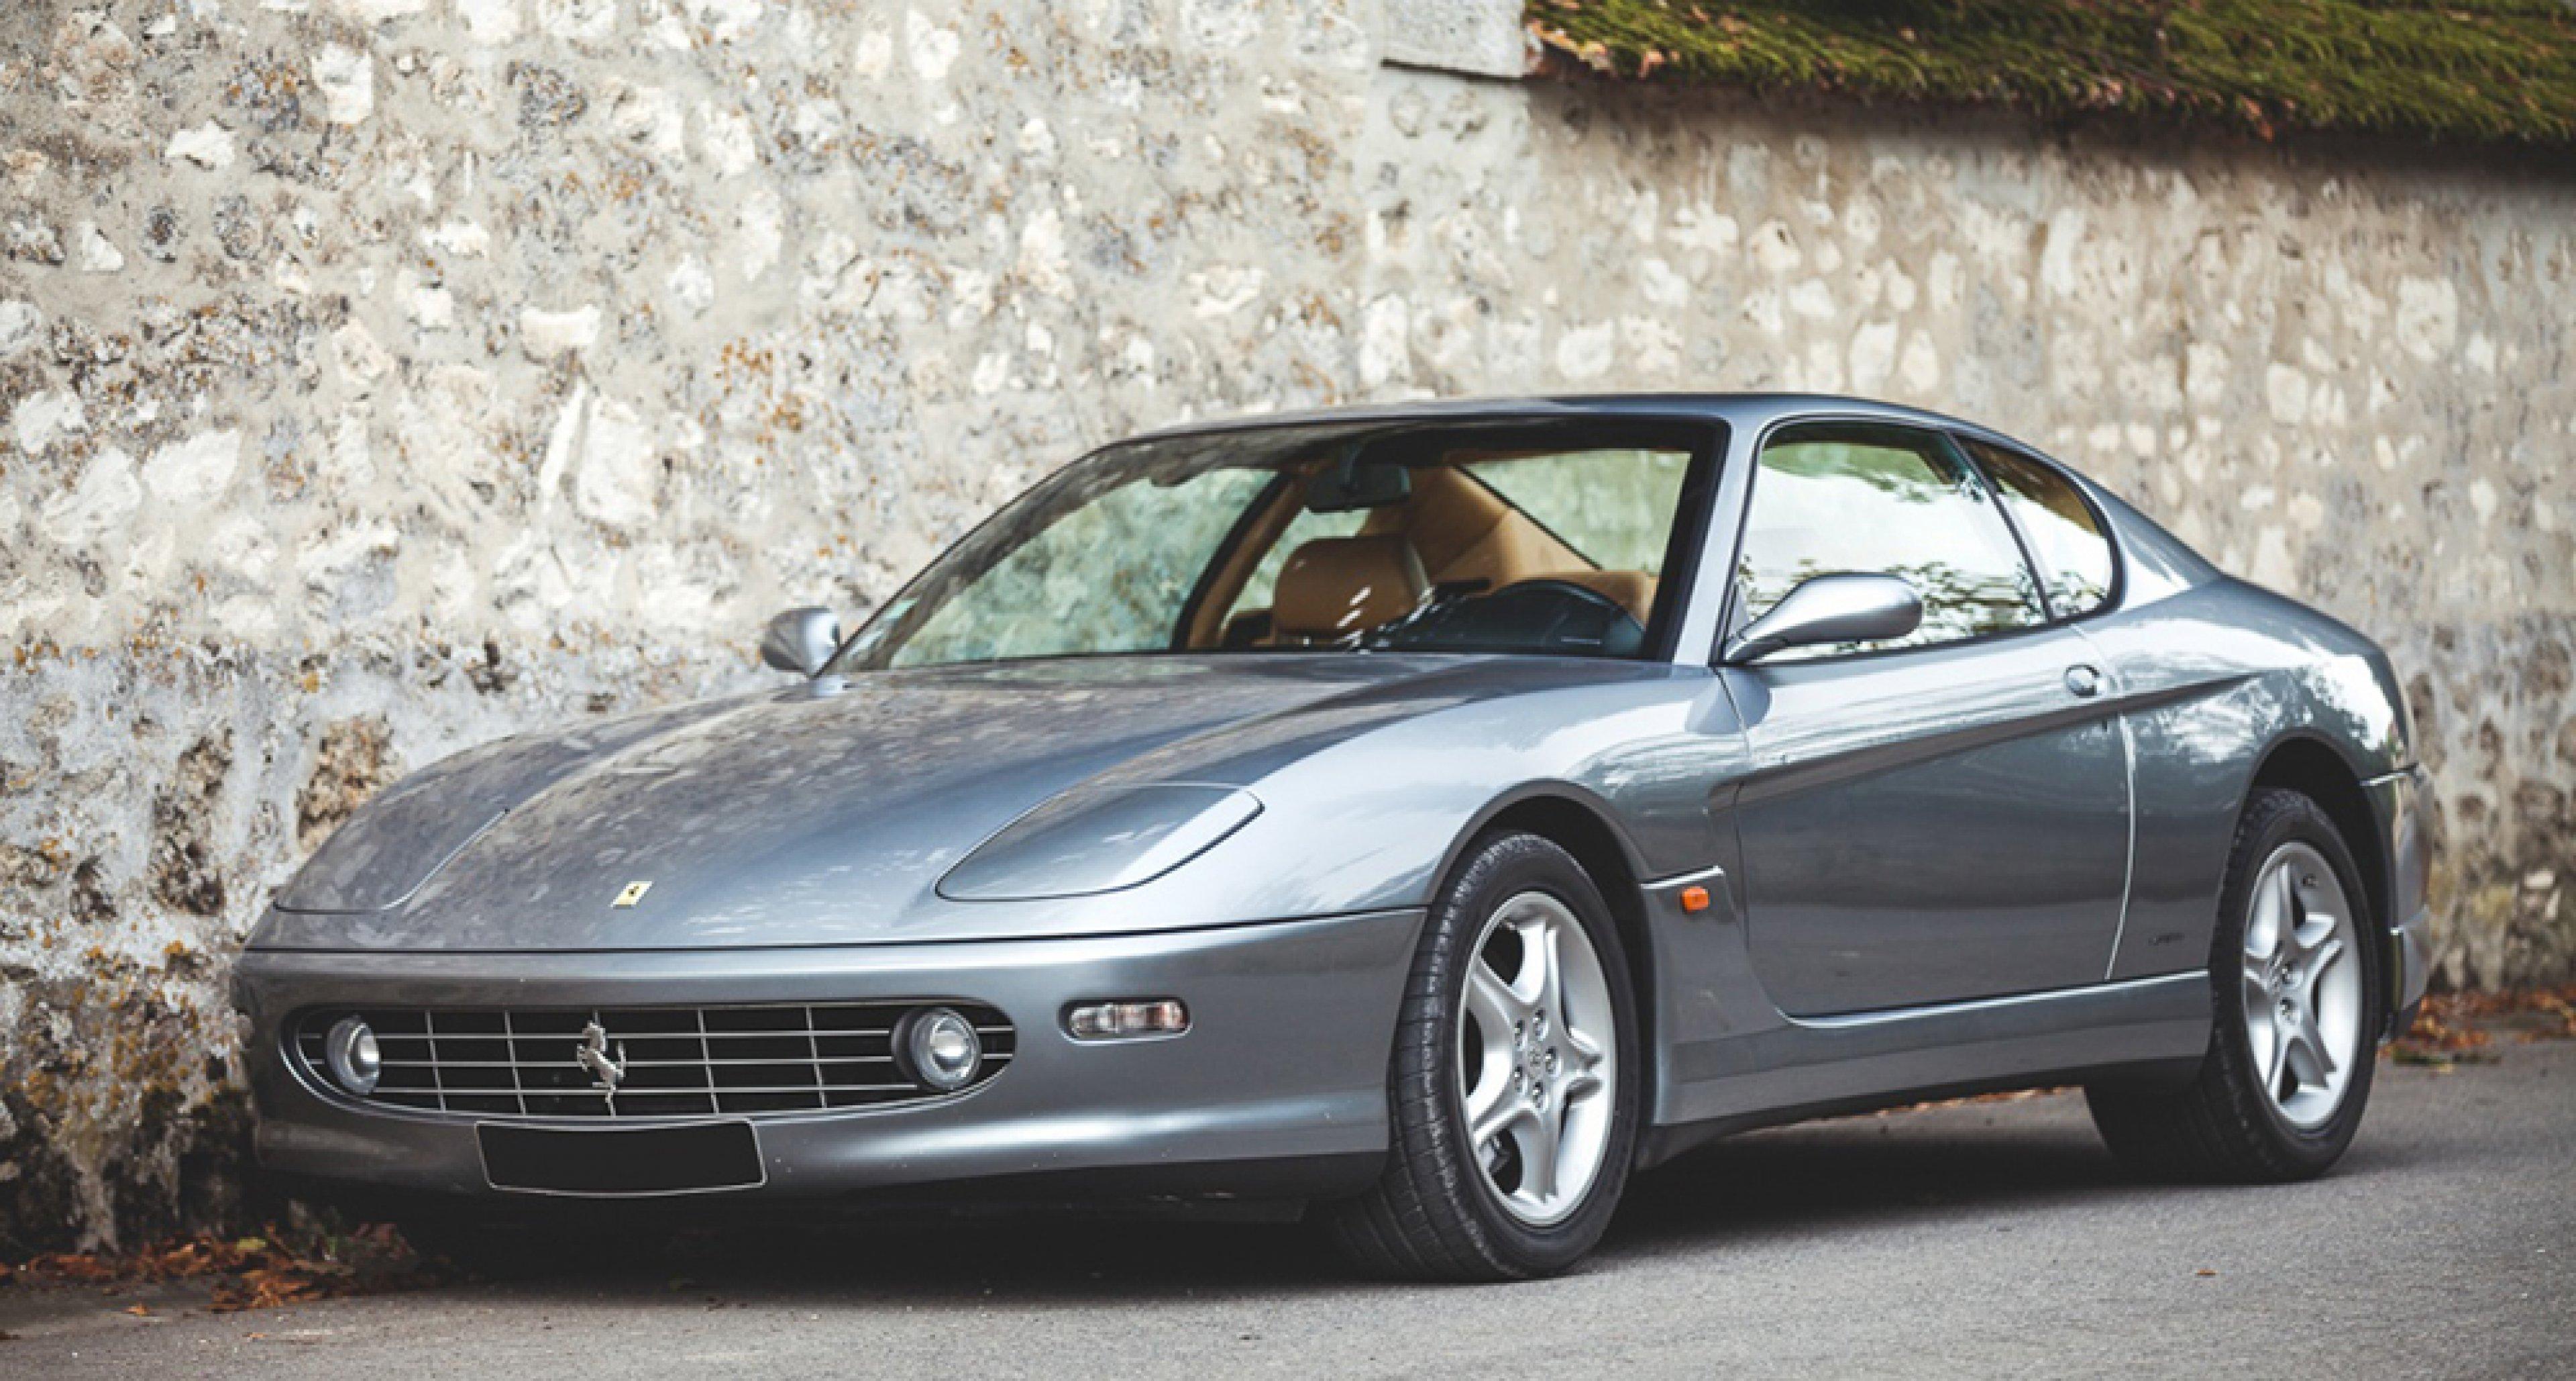 Der Ferrari 456 Ist Für Uns Der Ultimative Reisesportwagen Classic Driver Magazine